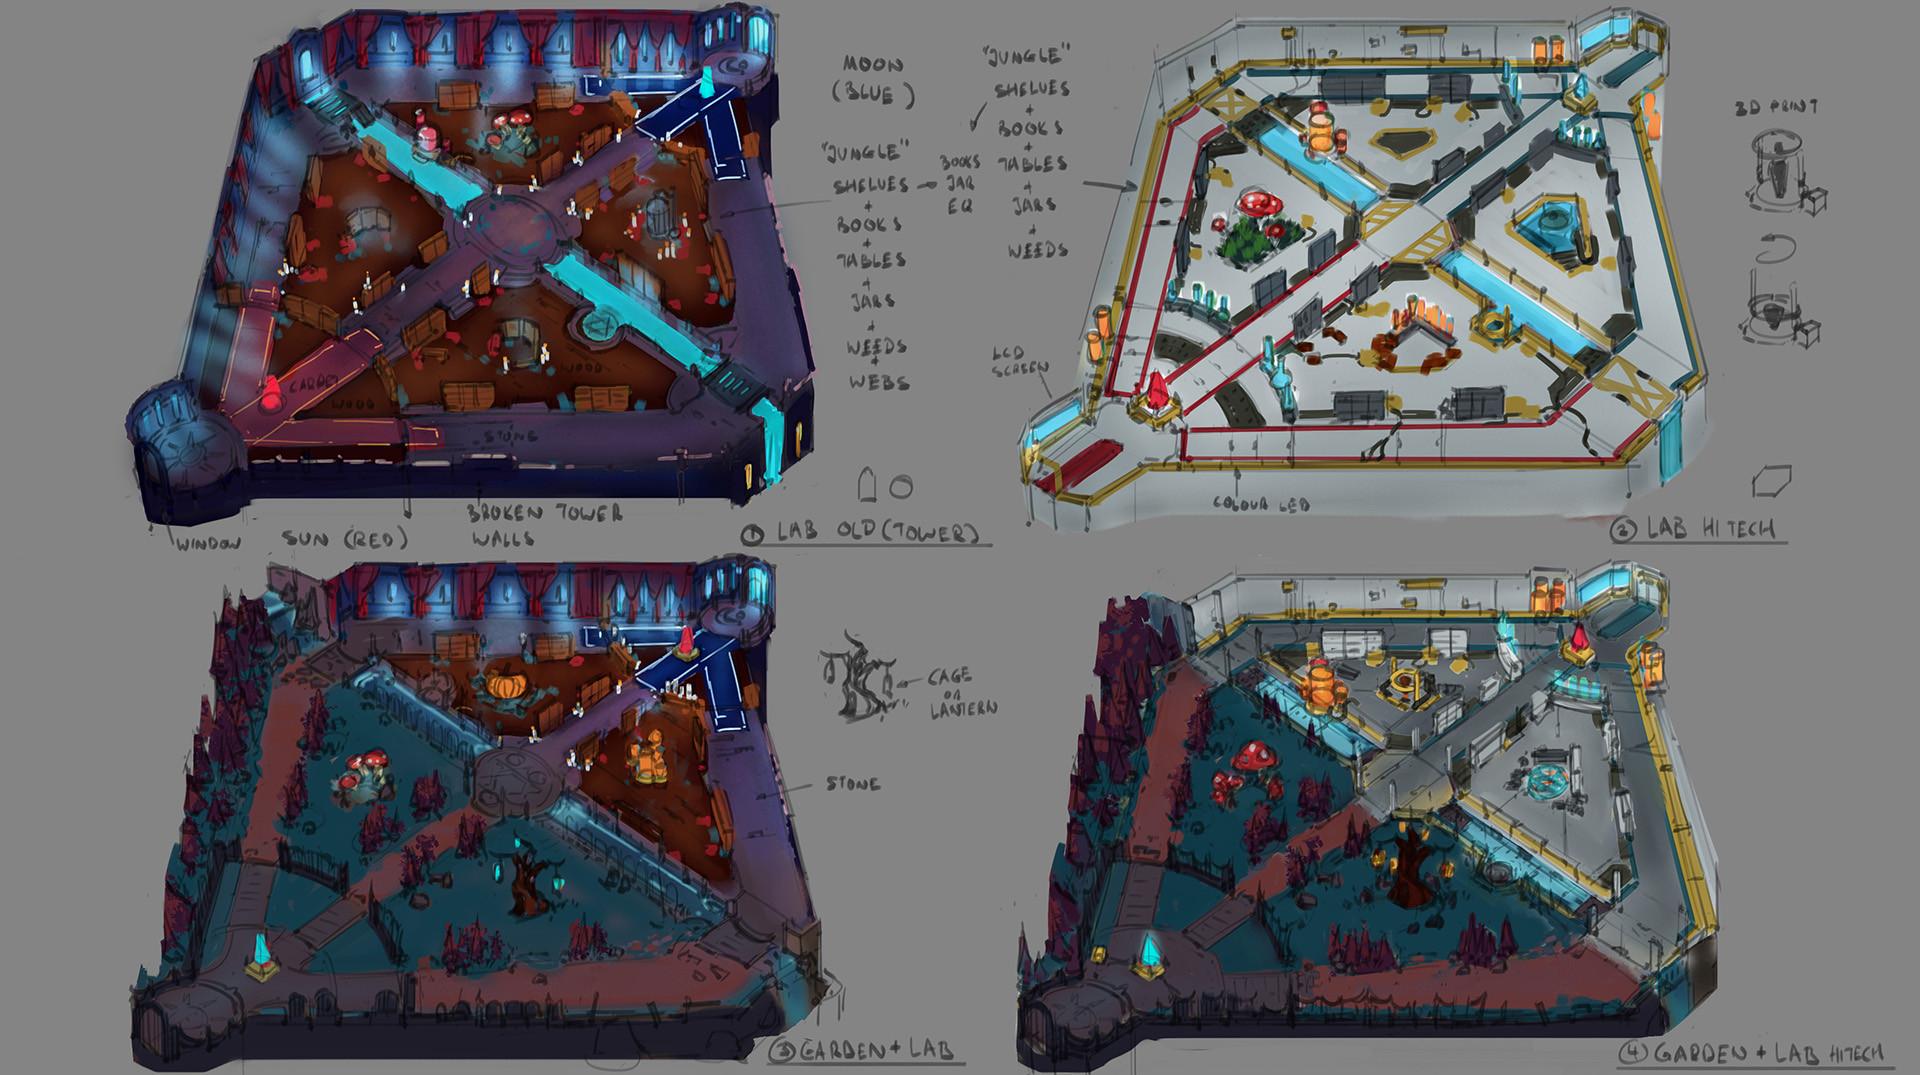 Dominic chan igg env arena01 sketch01 colour 20180920